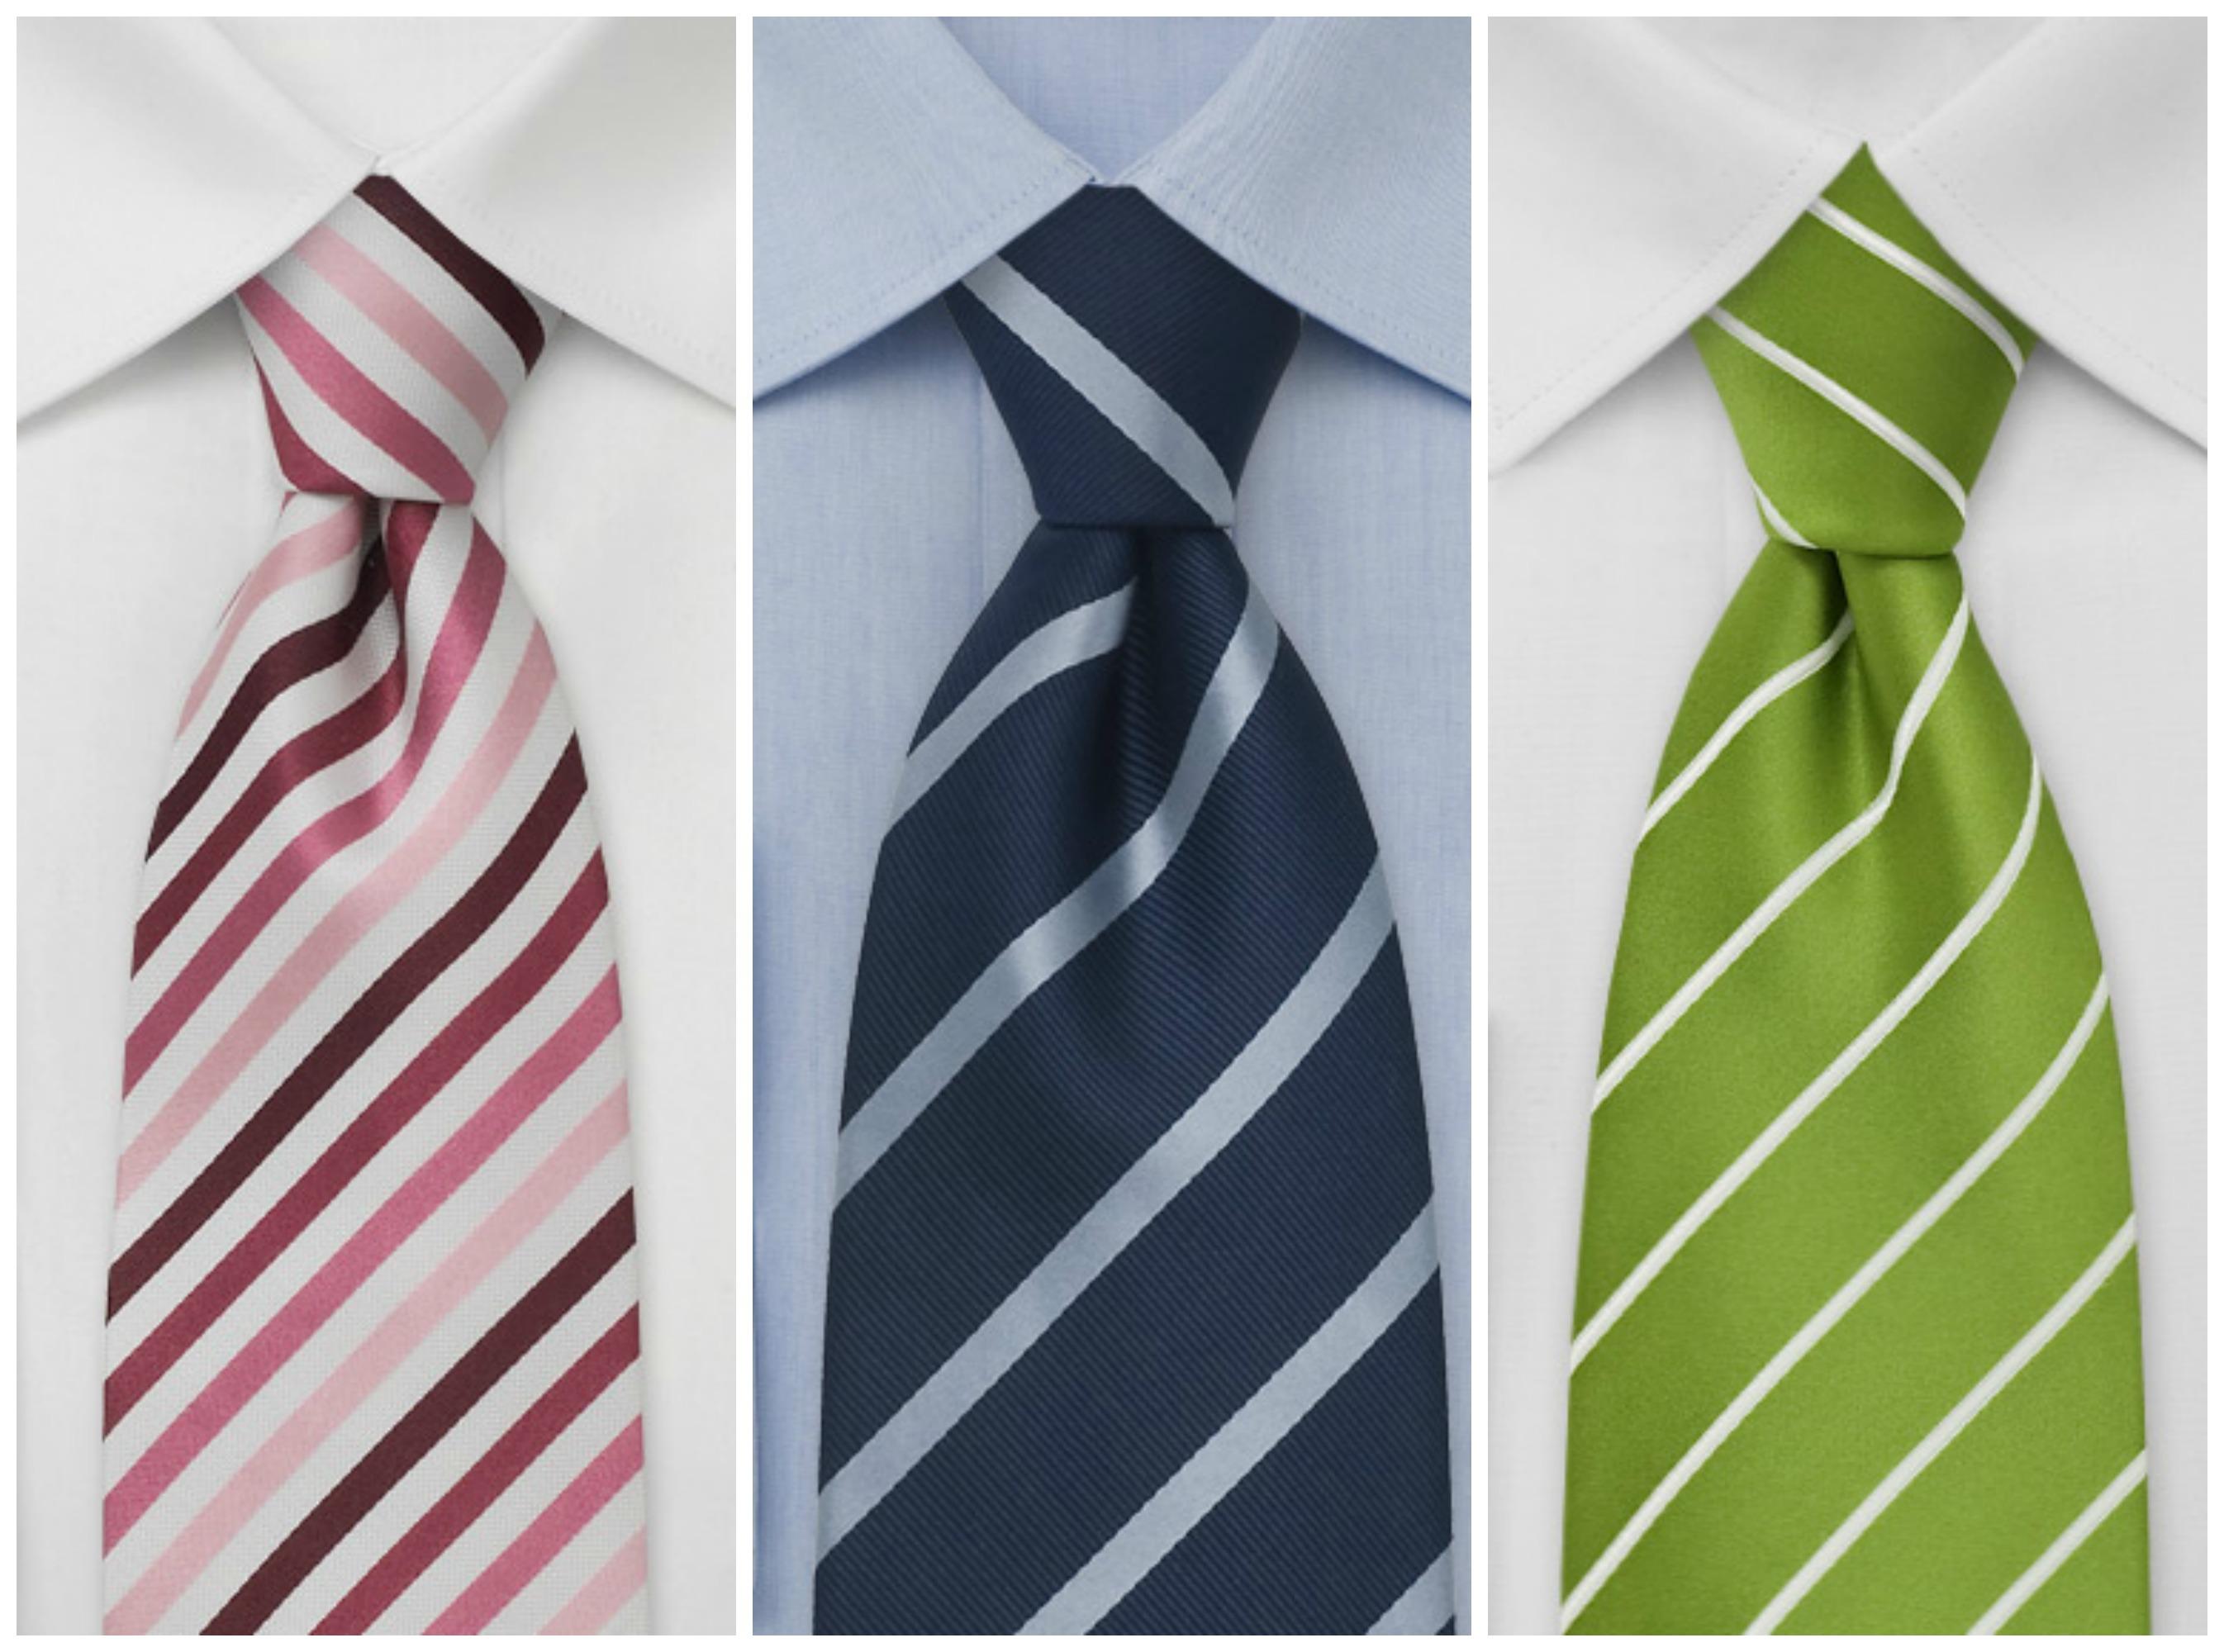 Este nudo se ve bien con corbatas anchas y le va mejor a los hombres altos. Nudo triple. El campeon entre los nudos de corbata. Su popularidad se debe a la simplicidad con que se hace y su universalidad (va bien casi siempre) Nudo doble. Este nudo tiene forma .